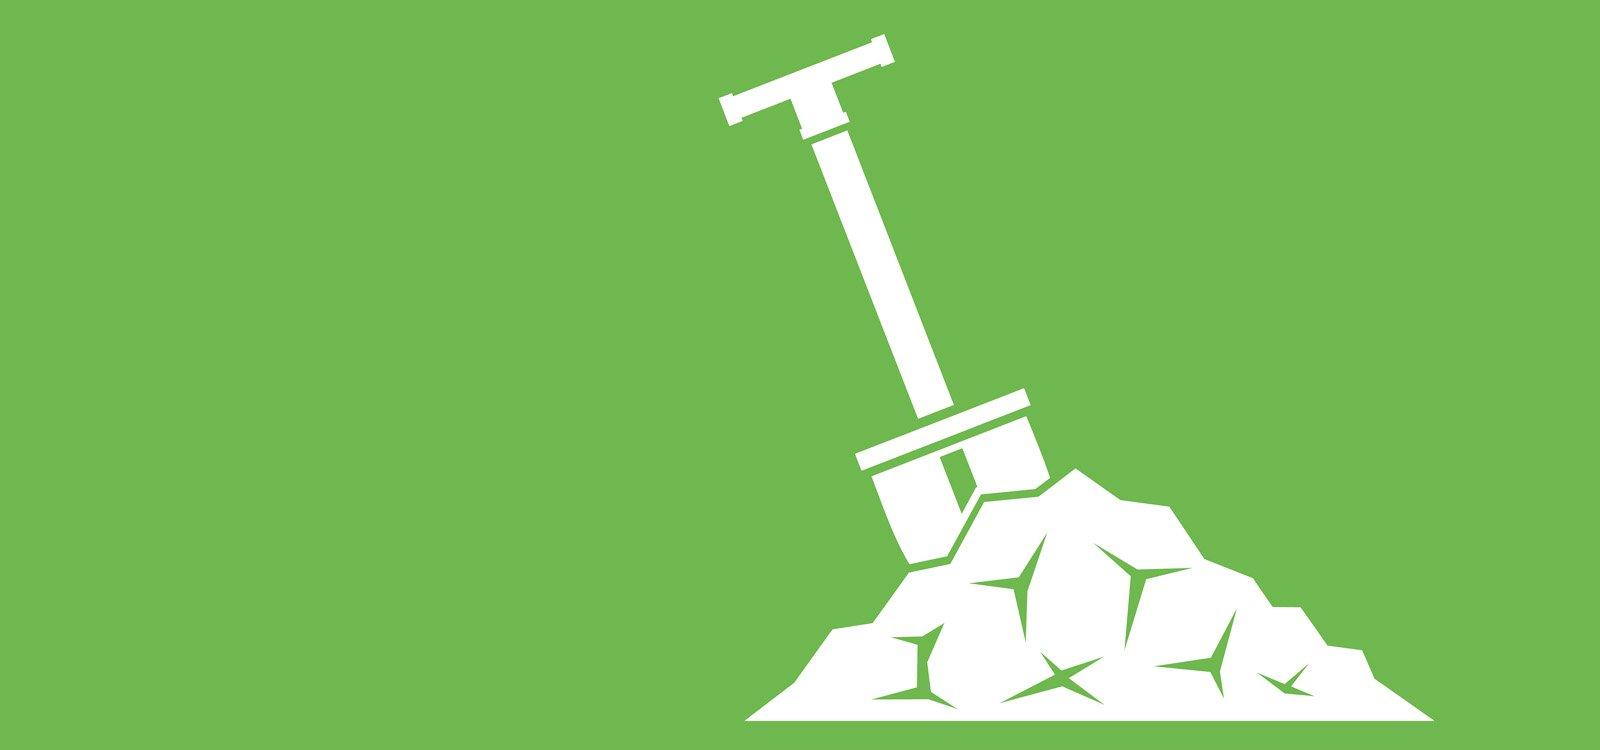 <p>El proyecto canadiense CLEER promueve una explotación sustentable de los recursos minerales del país.</p>